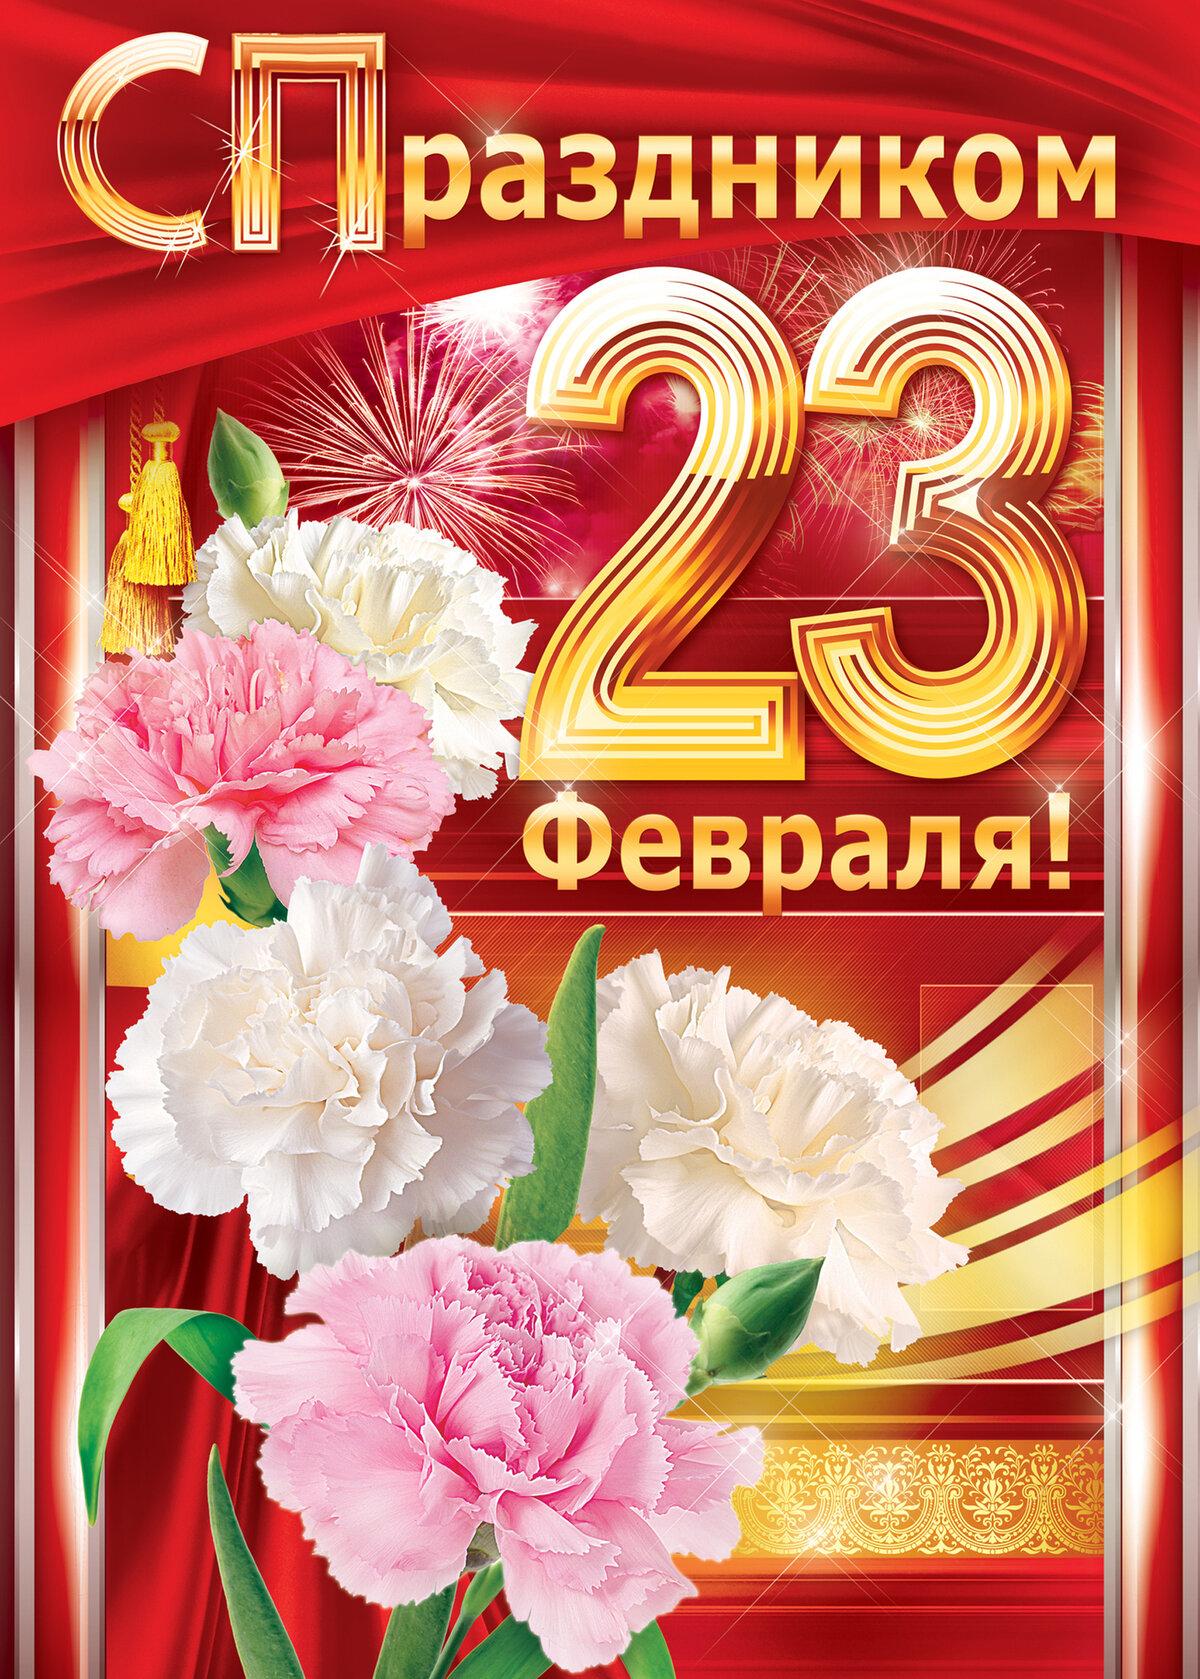 Открытка к 23 февраля картинки, картинки бабок